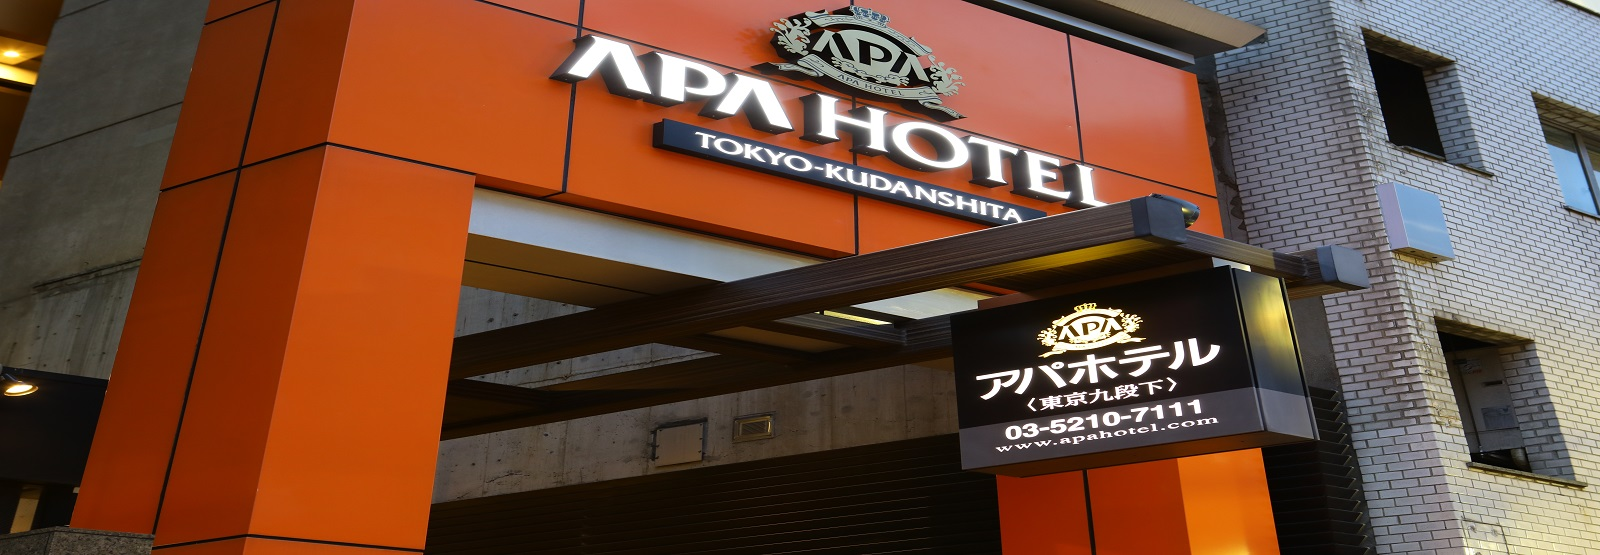 APA Hotel <Tokyo Kudanshita>